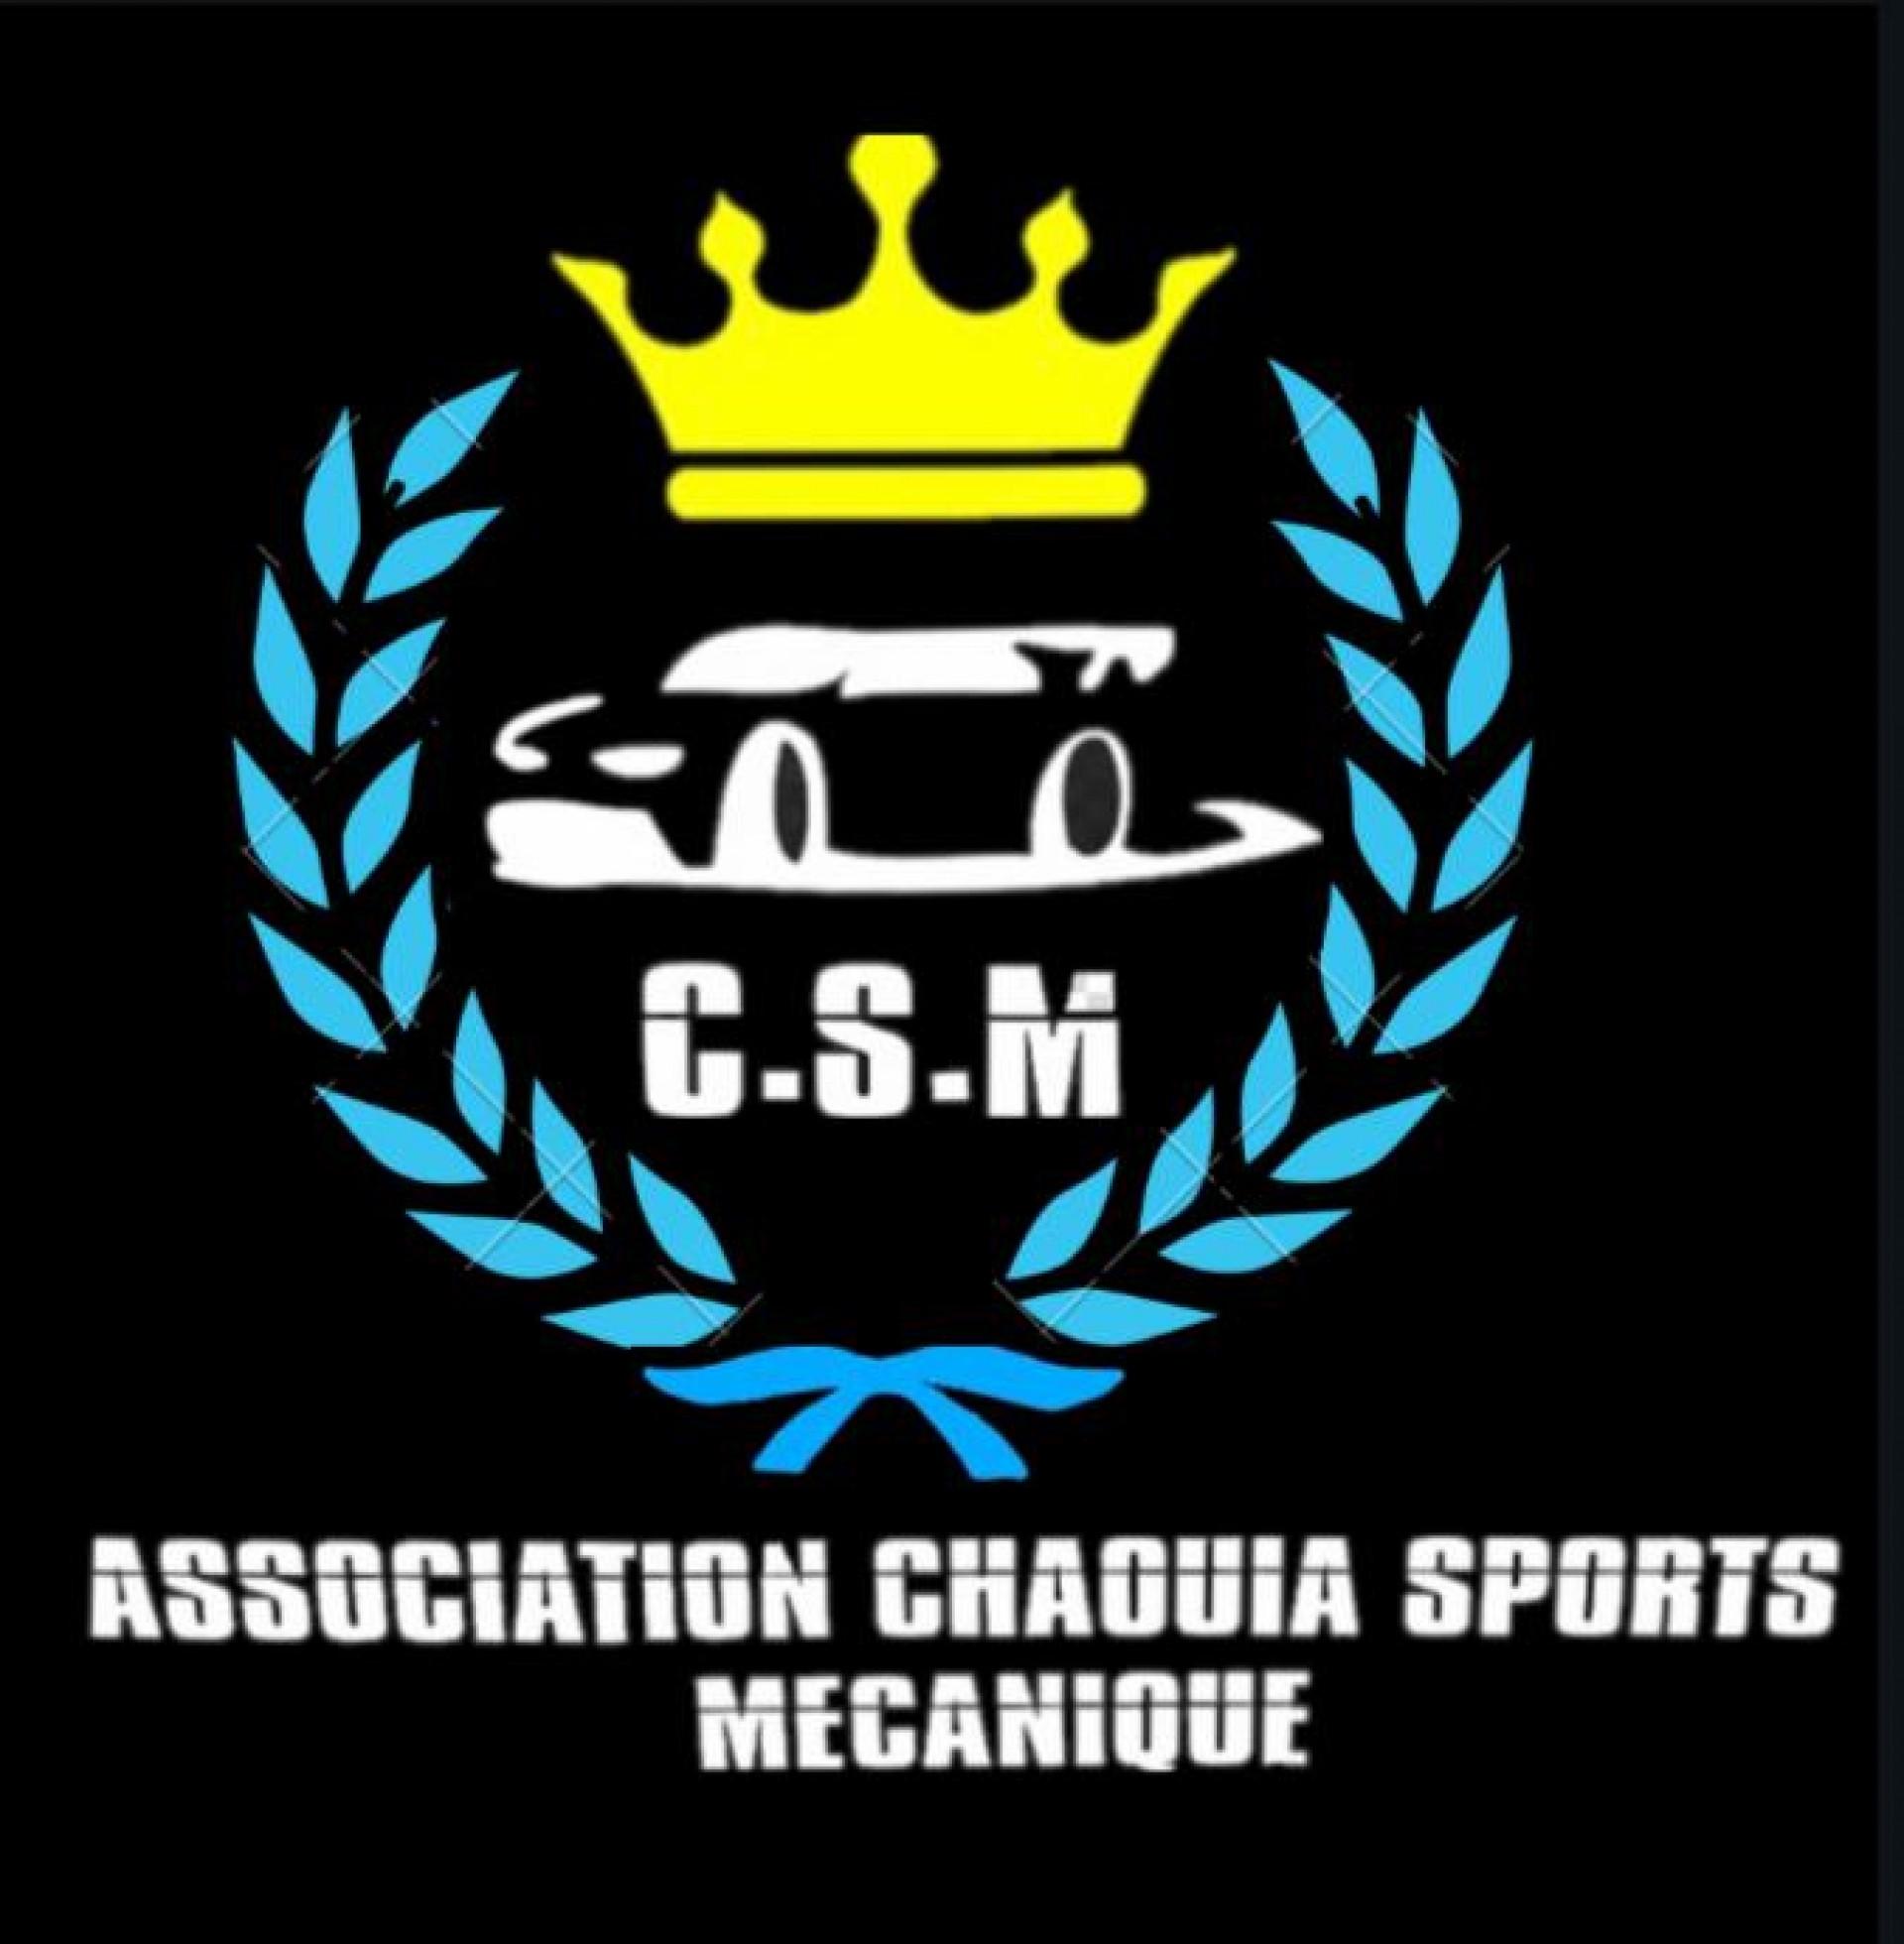 C.S.M logo